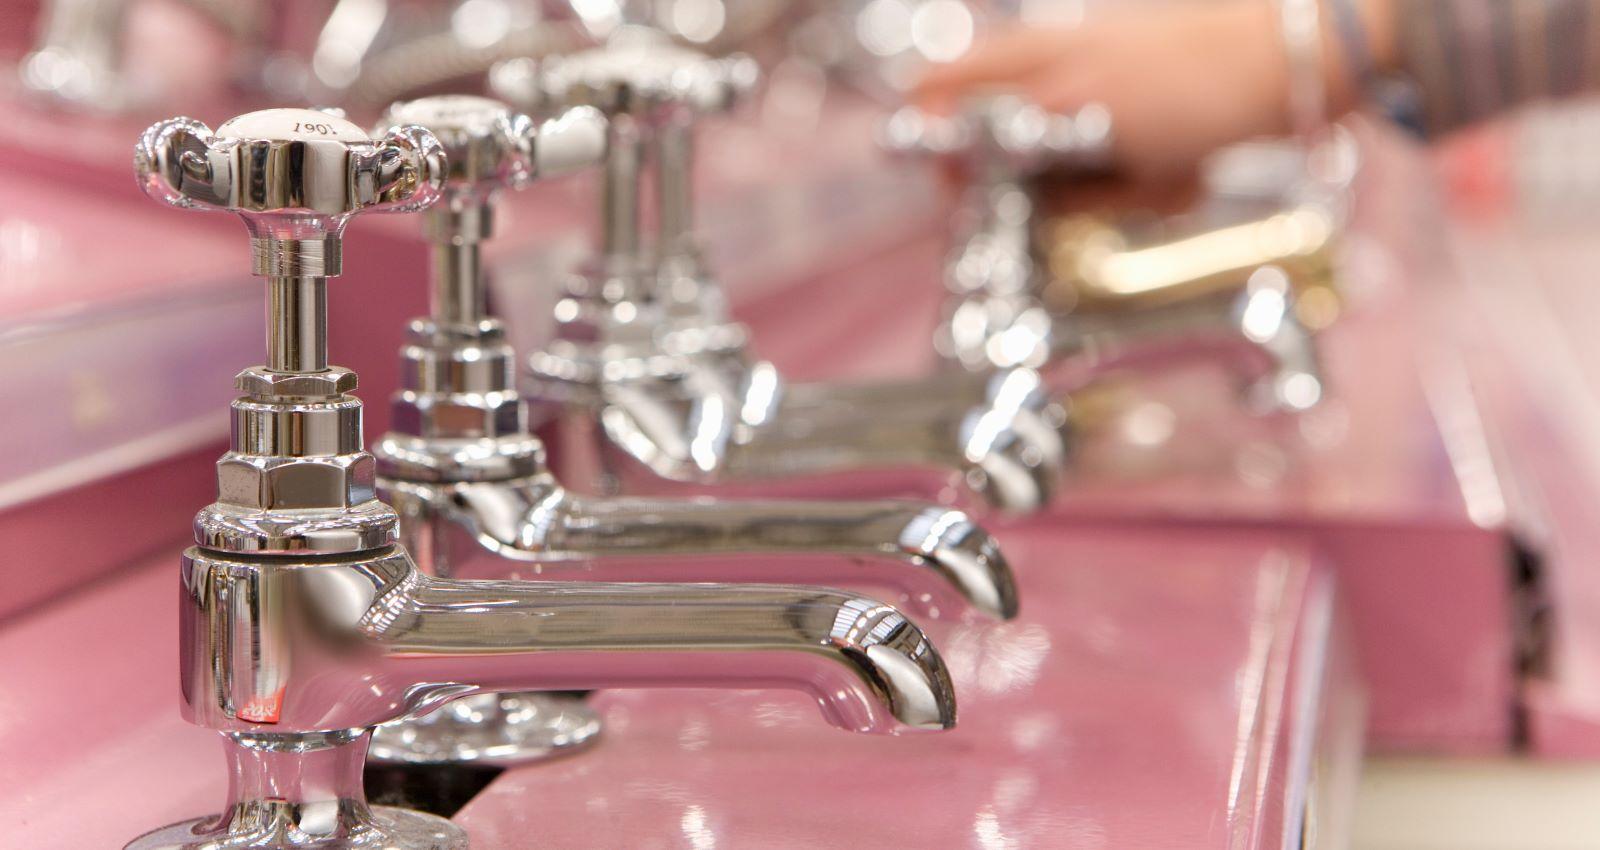 Hot Water Recirculation - A Hot Trend in Missoula